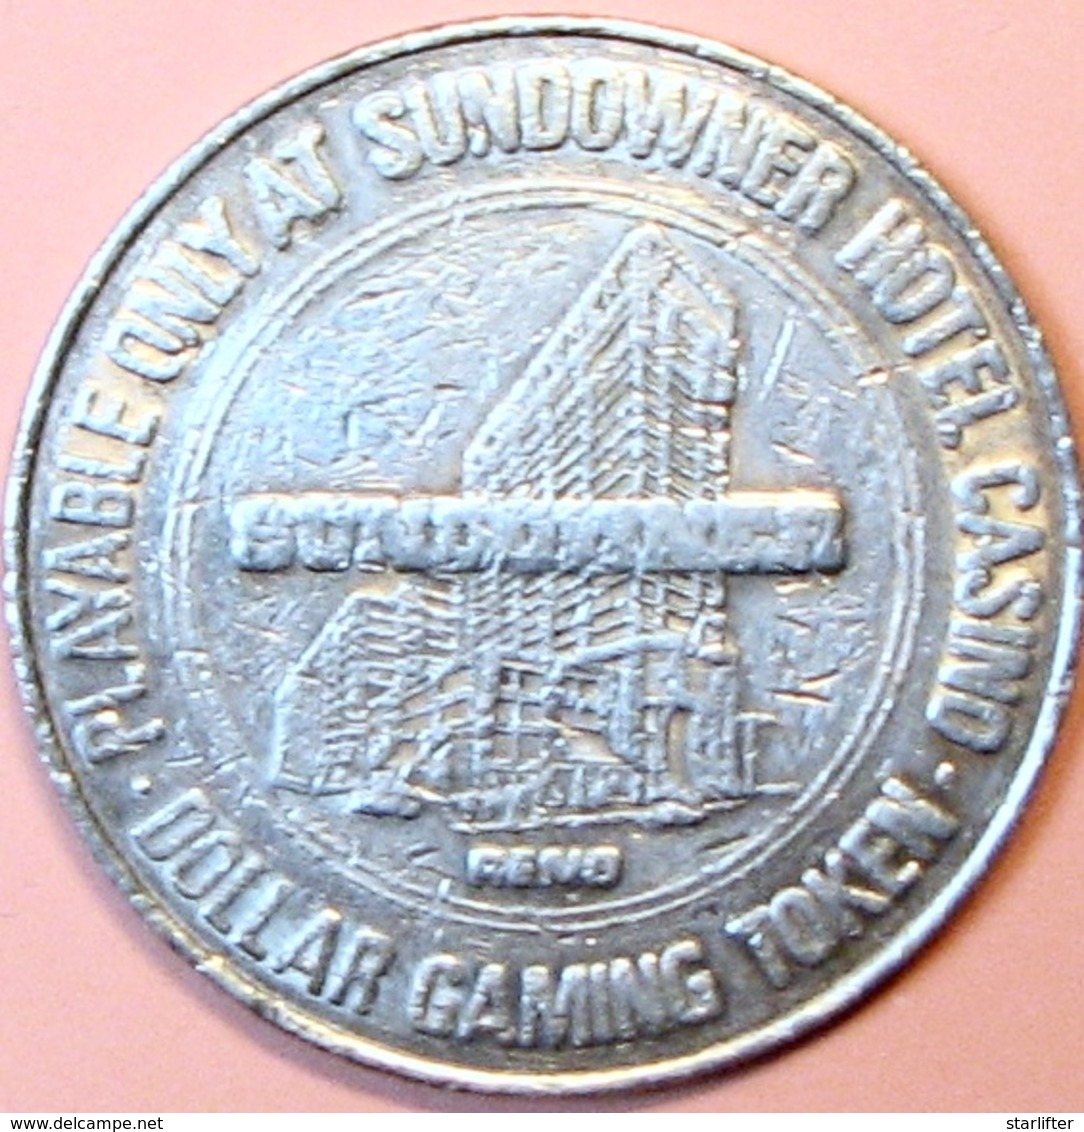 $1 Casino Token. Sundowner, Reno, NV. 1979. D82. - Casino